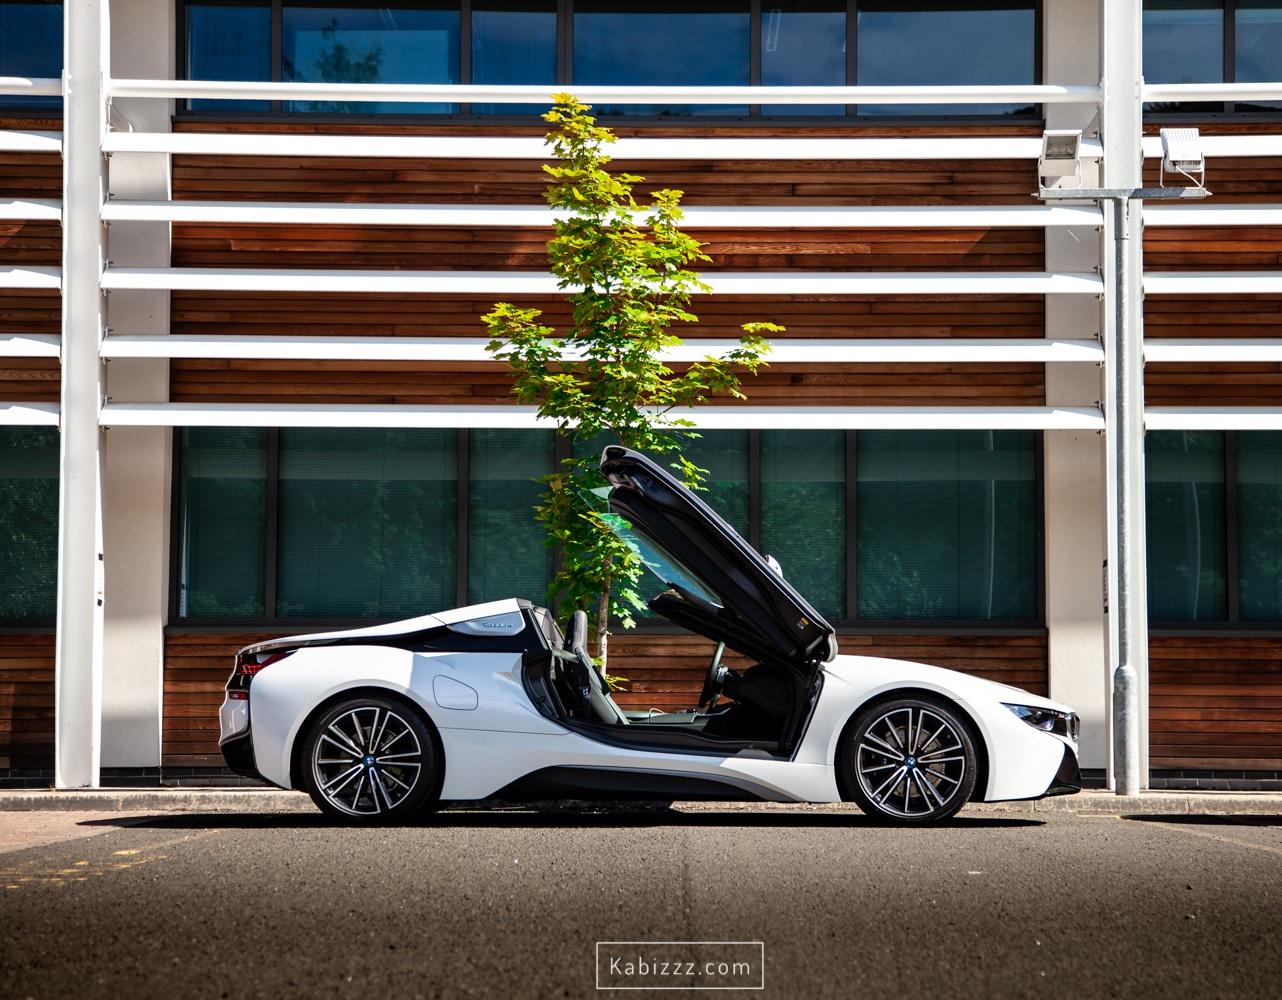 bmw_i8_roadster_automotive_photography_kabizzz-6.jpg